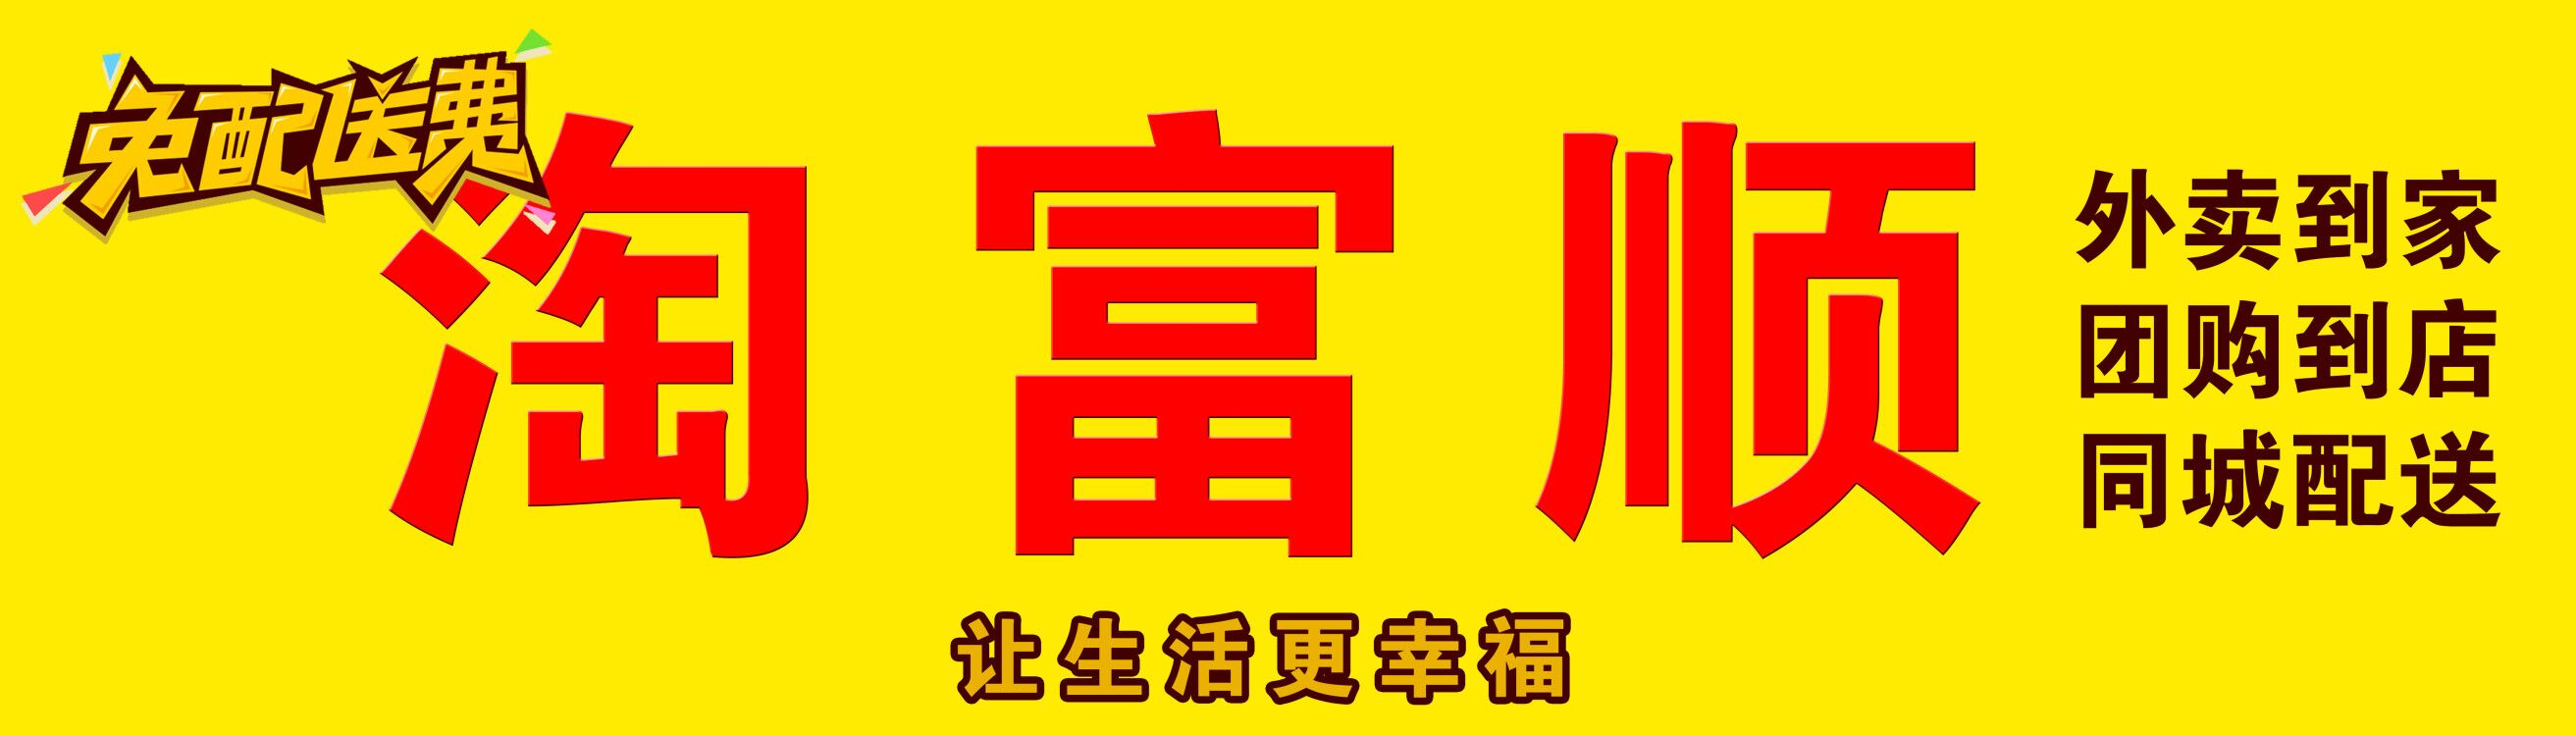 淘浙江快三三不同 —主页|顺